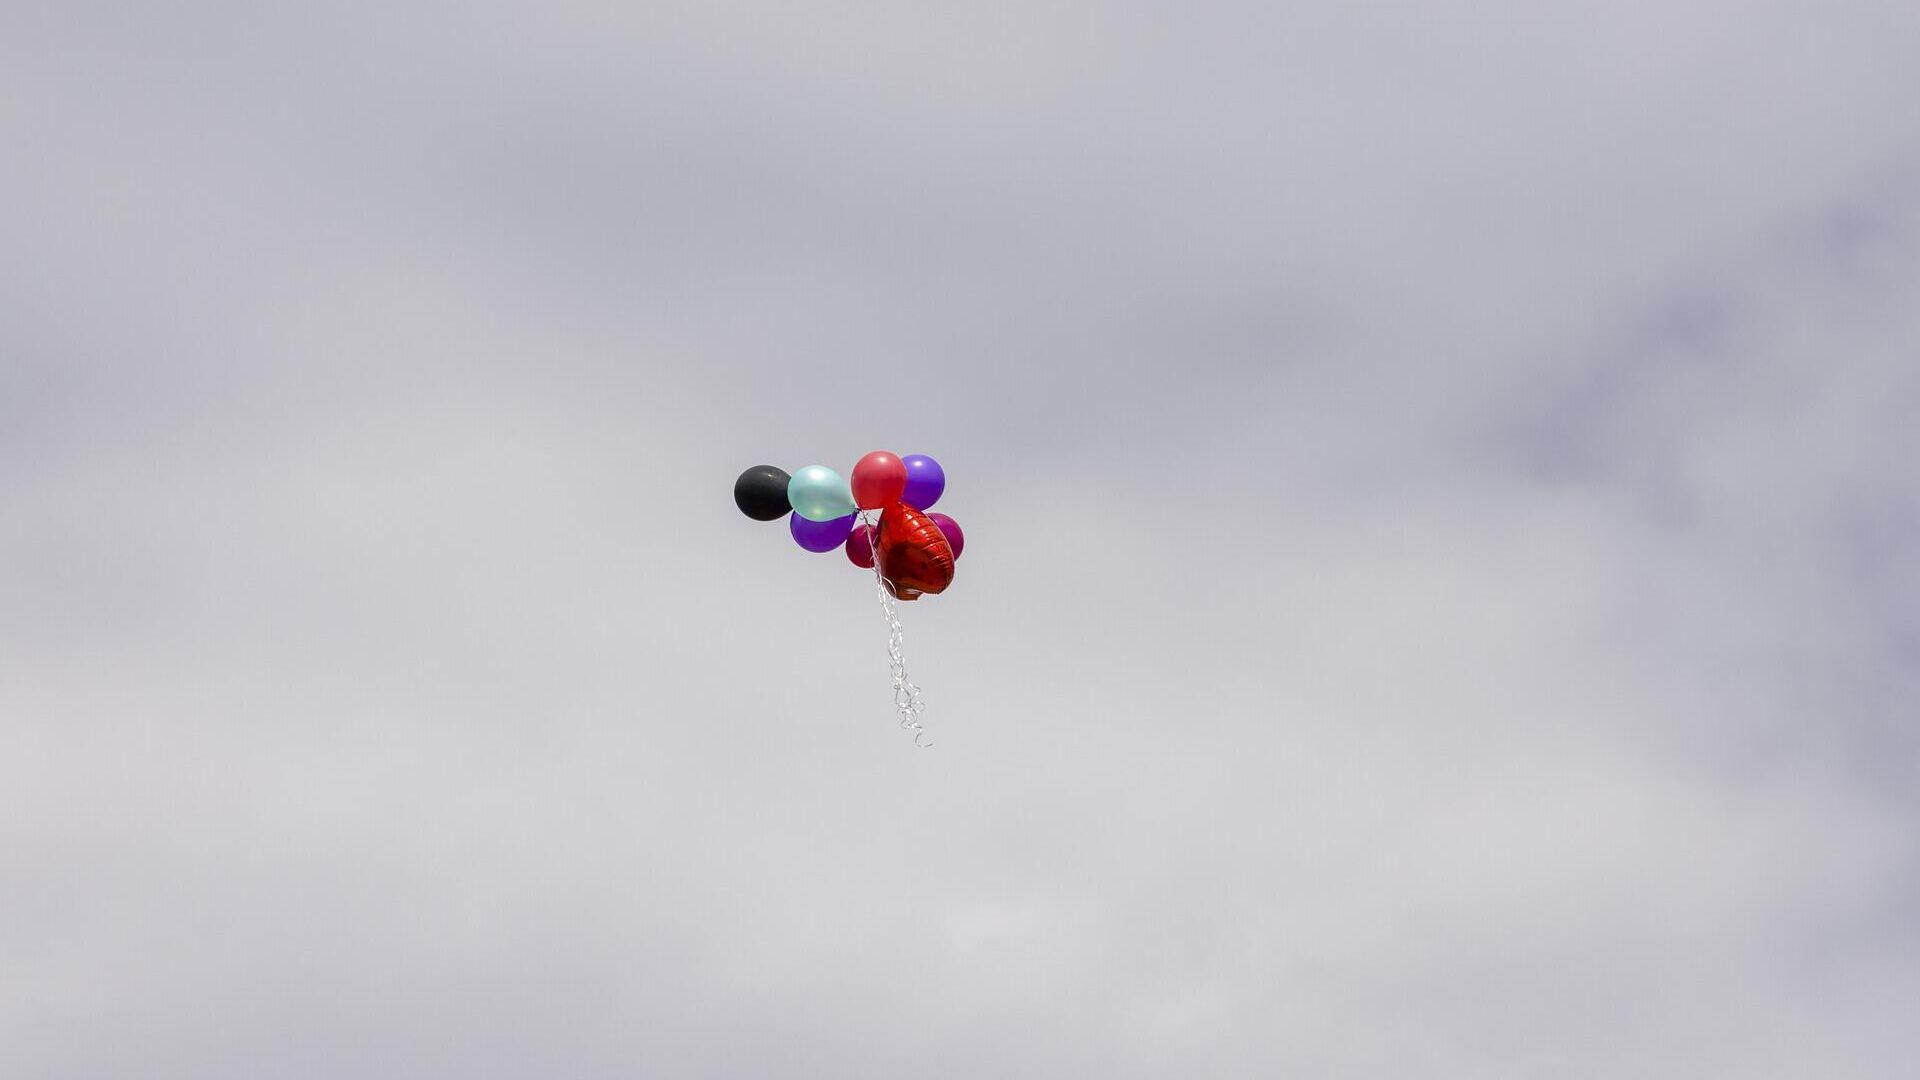 Воздушные шары в небе, архивное фото - Sputnik Беларусь, 1920, 23.09.2021